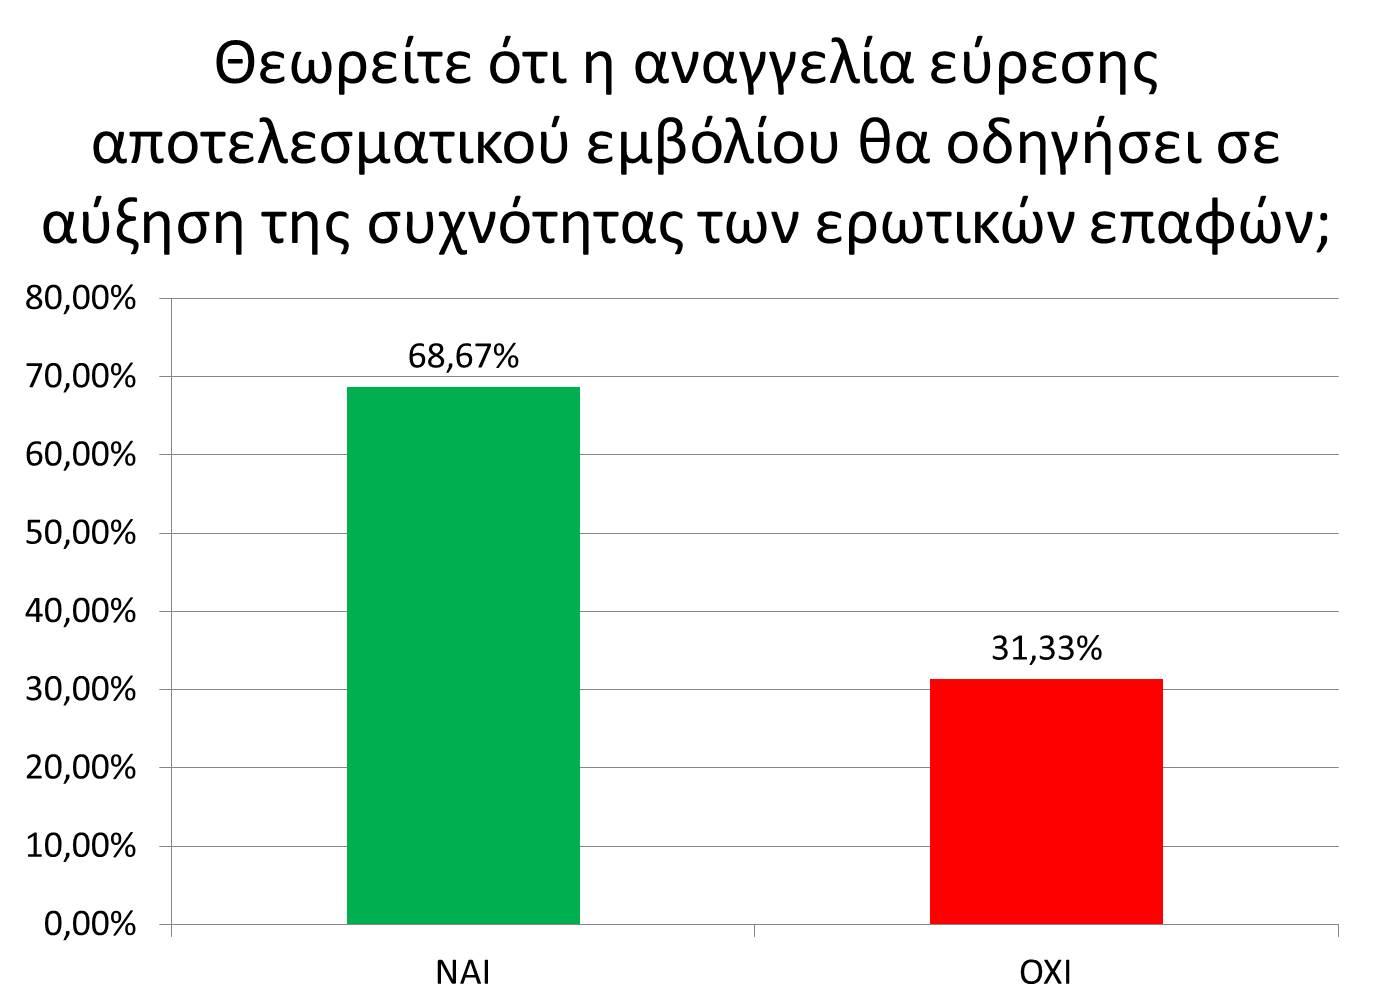 grafima 5 2